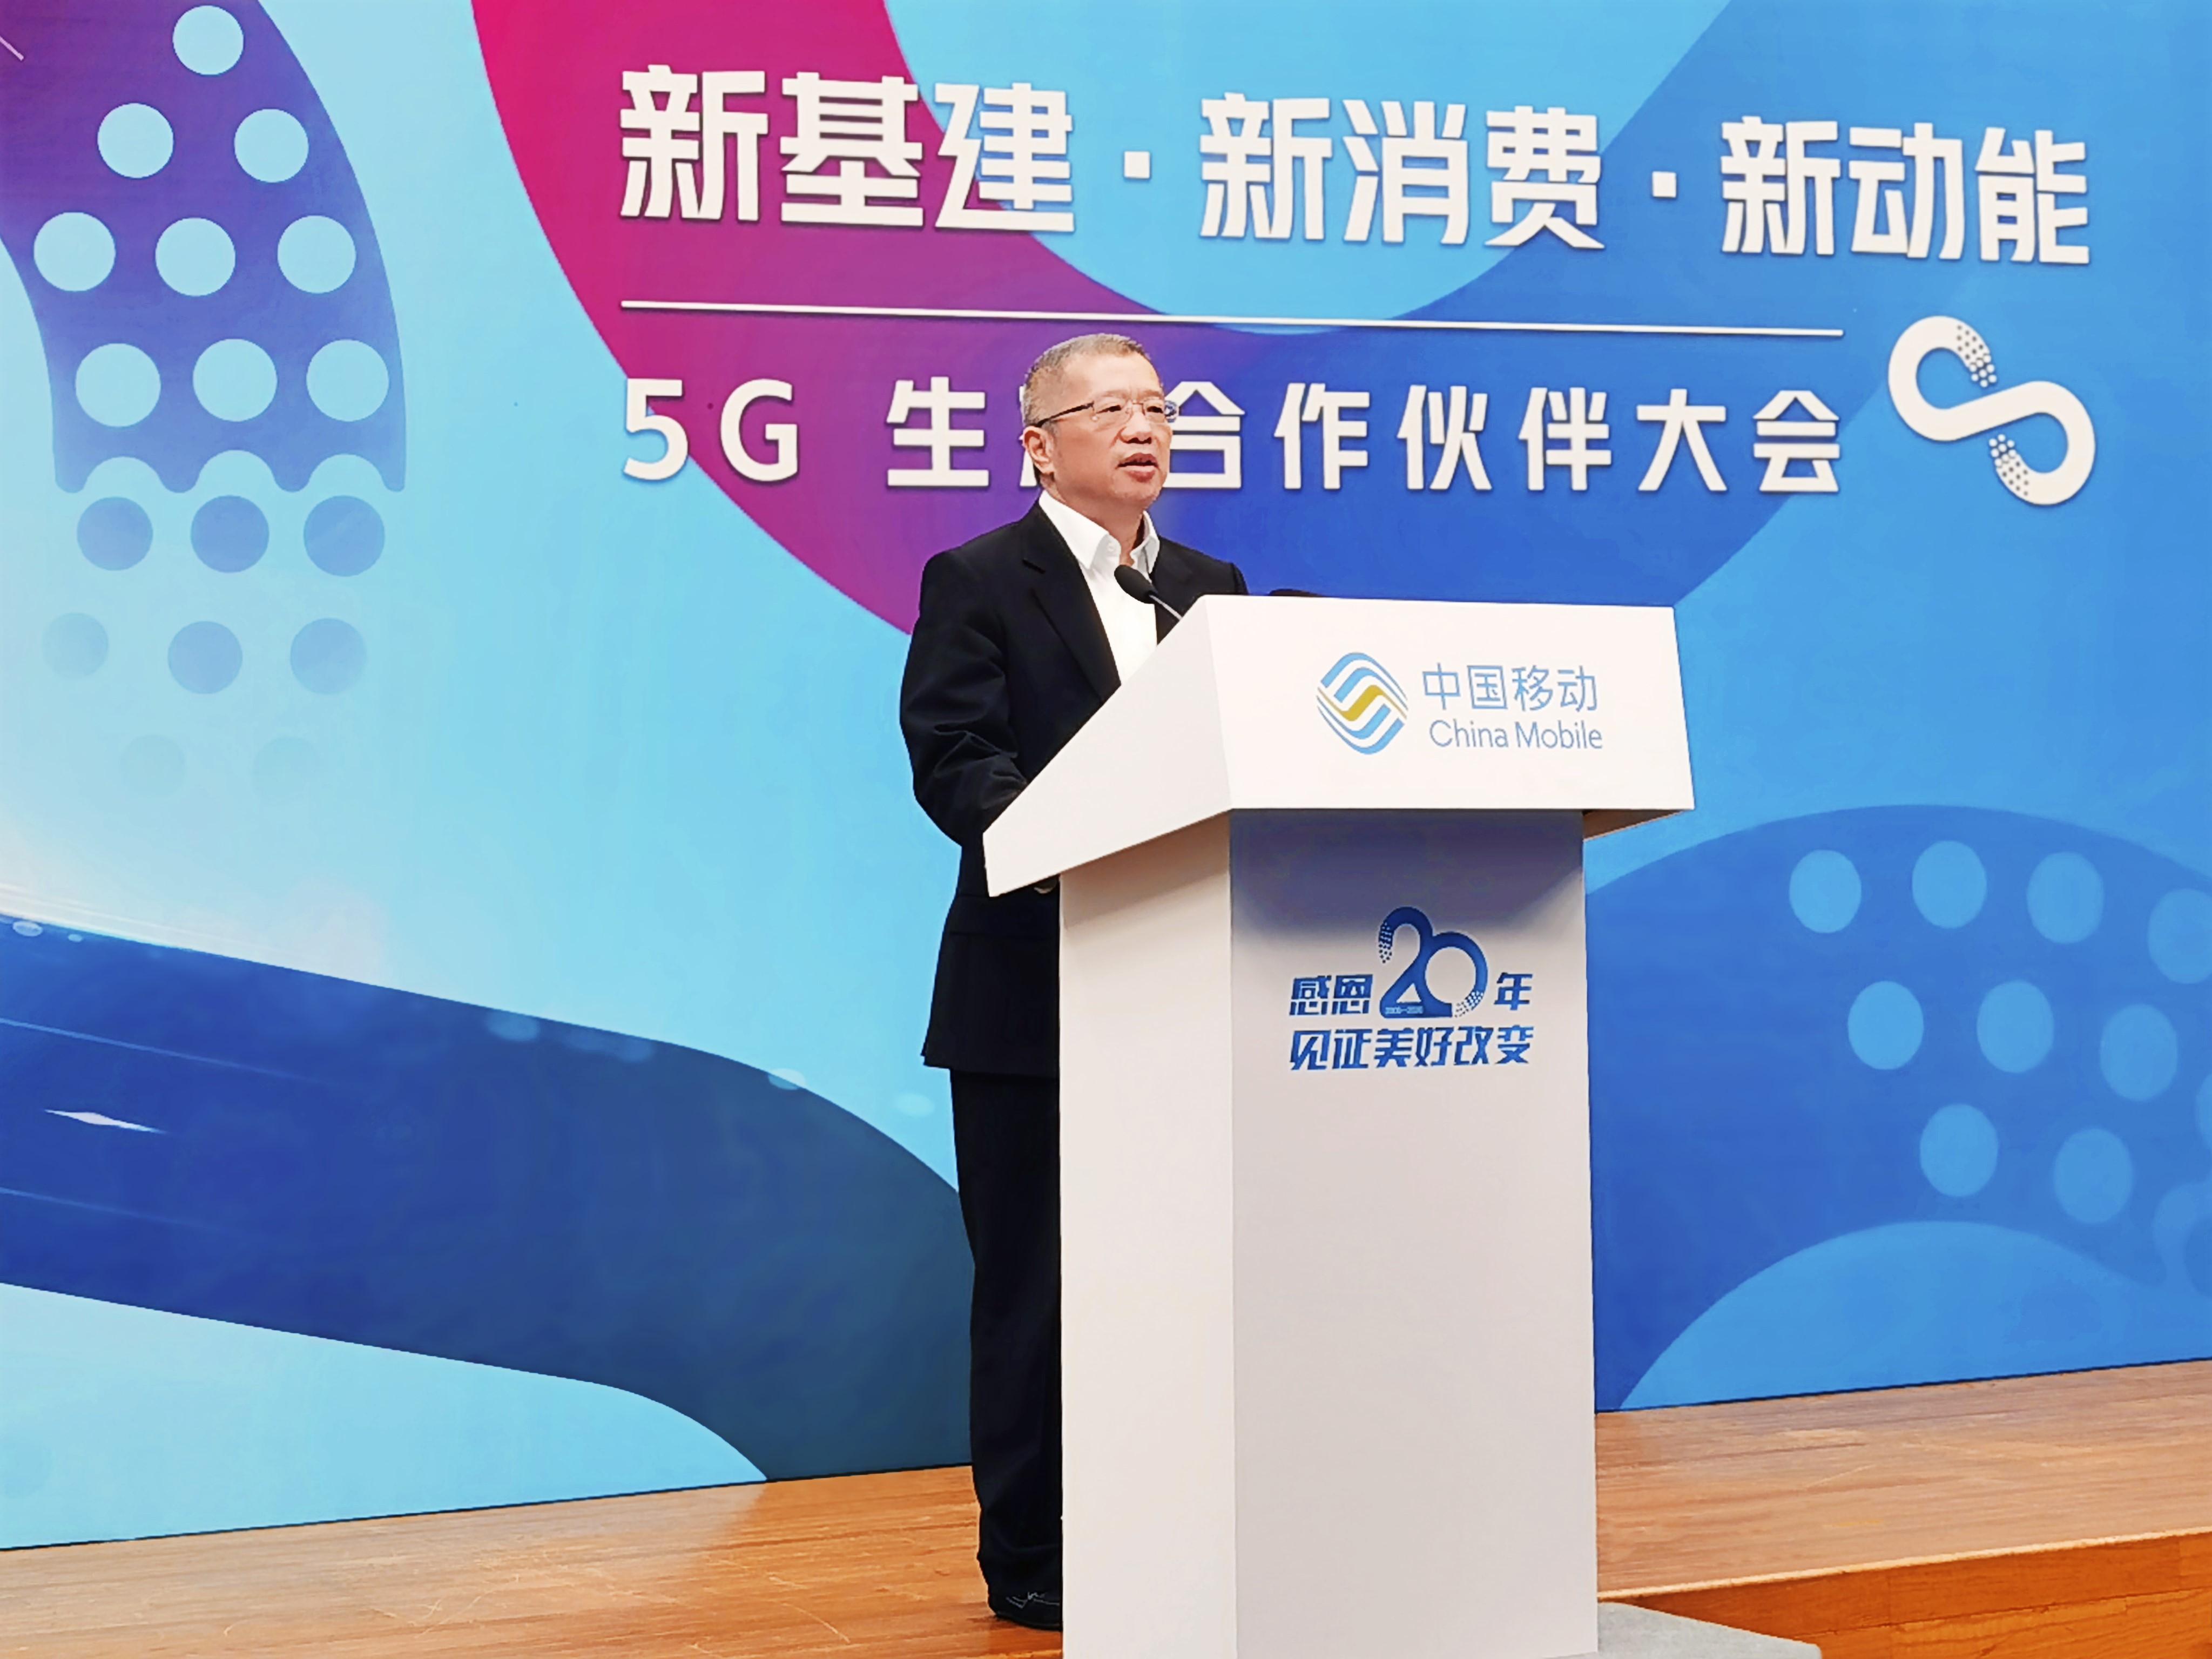 新基建、新消费、新动能 中国移动举办5G生态合作伙伴大会